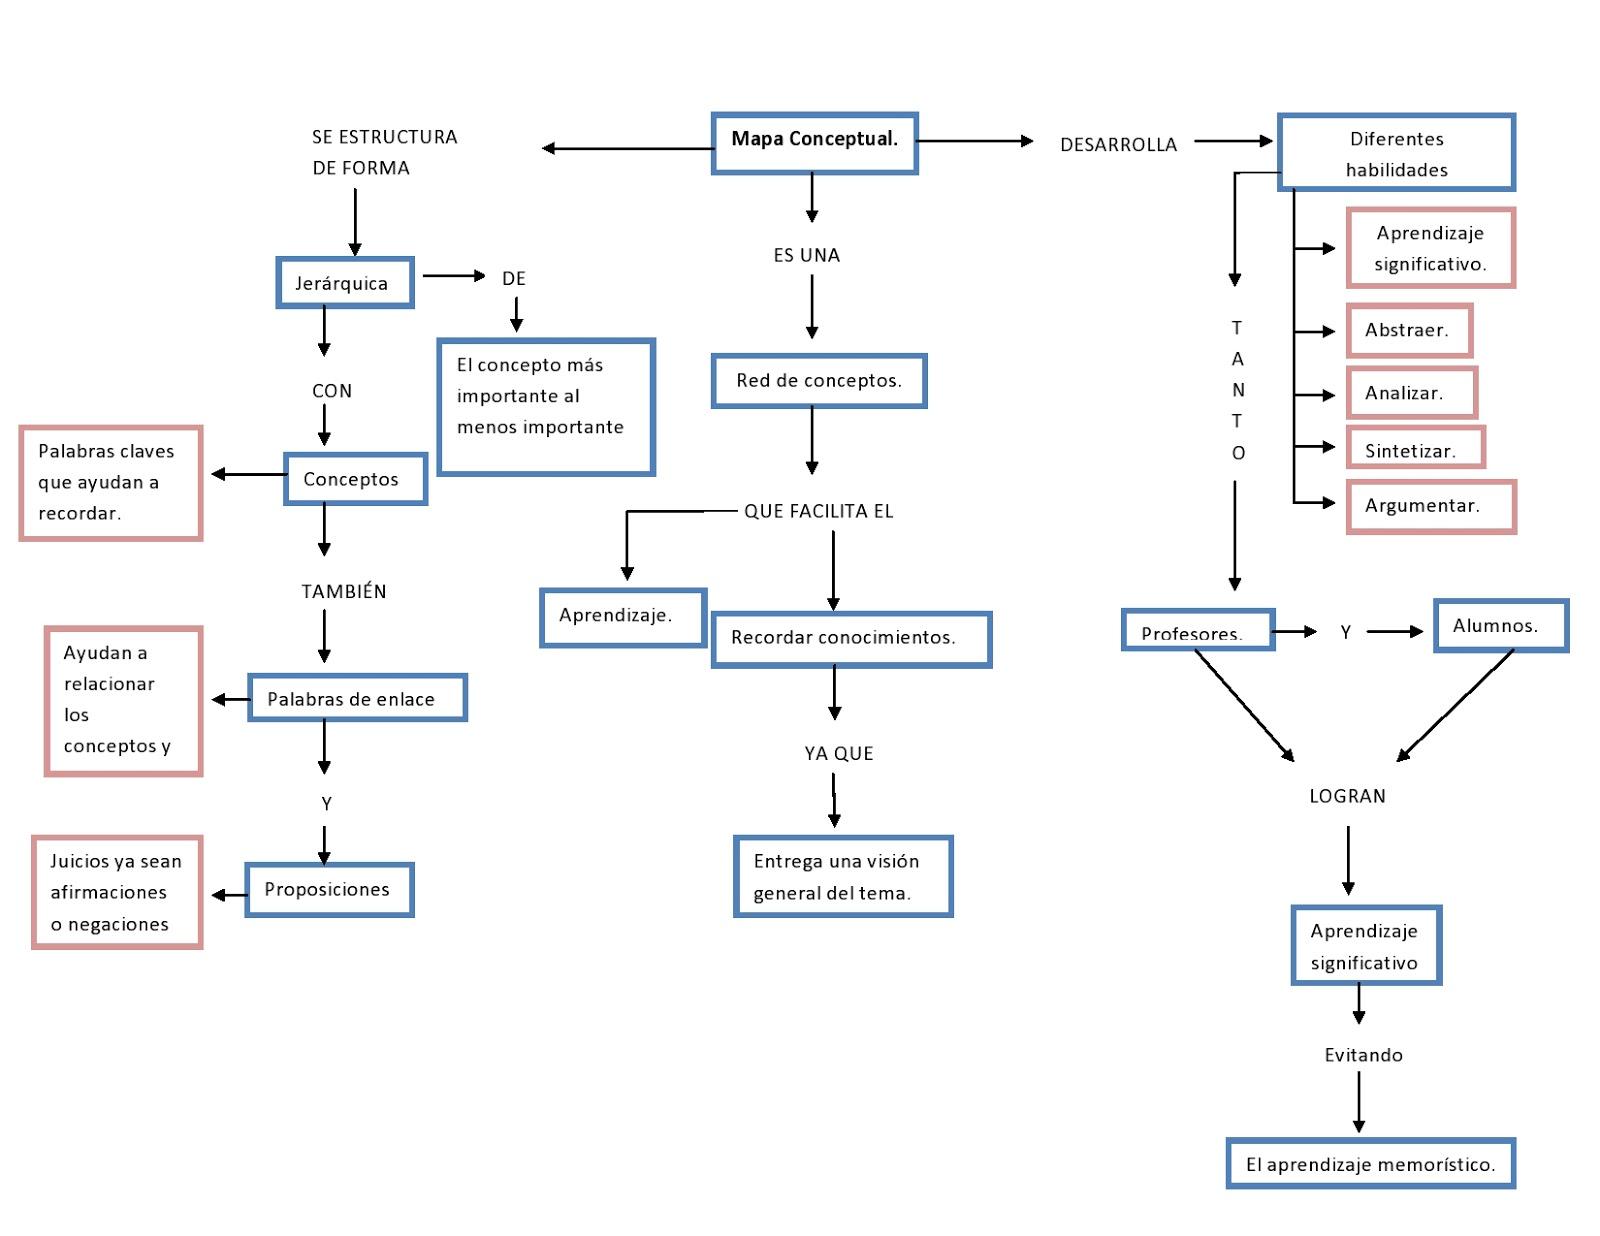 Para terminar podemos decir que el mapa conceptual a parte de ser una herramienta muy útil para el estudio simplifica el desarrollo de este y nos ayuda a